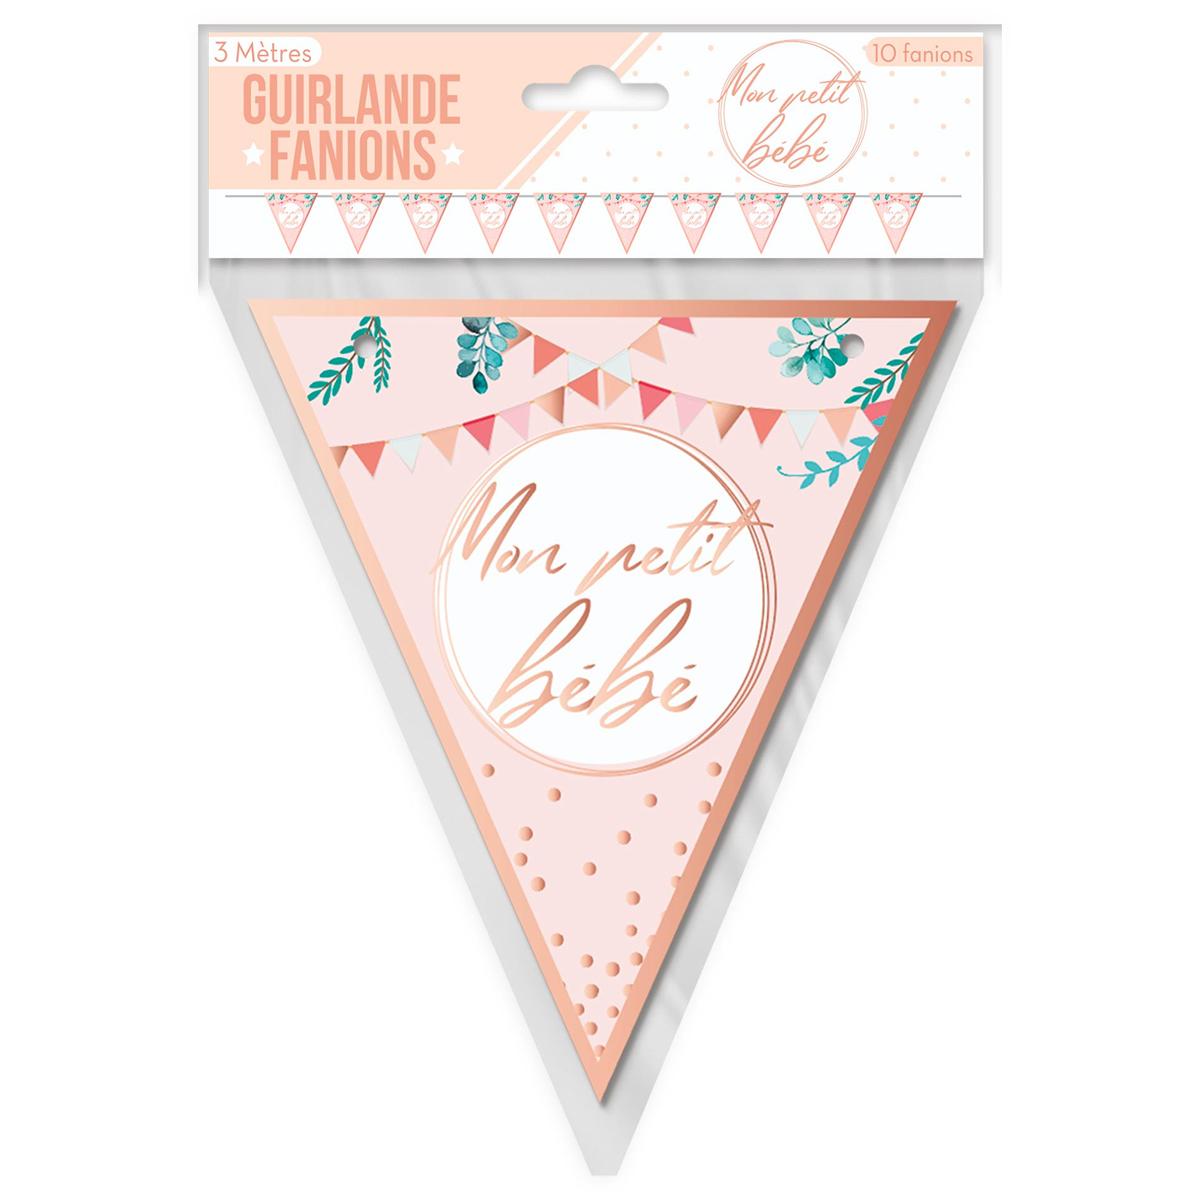 Guirlande \'Baby Shower\' rose (Mon petit bébé) - 3 m 17 cm - [A0749]